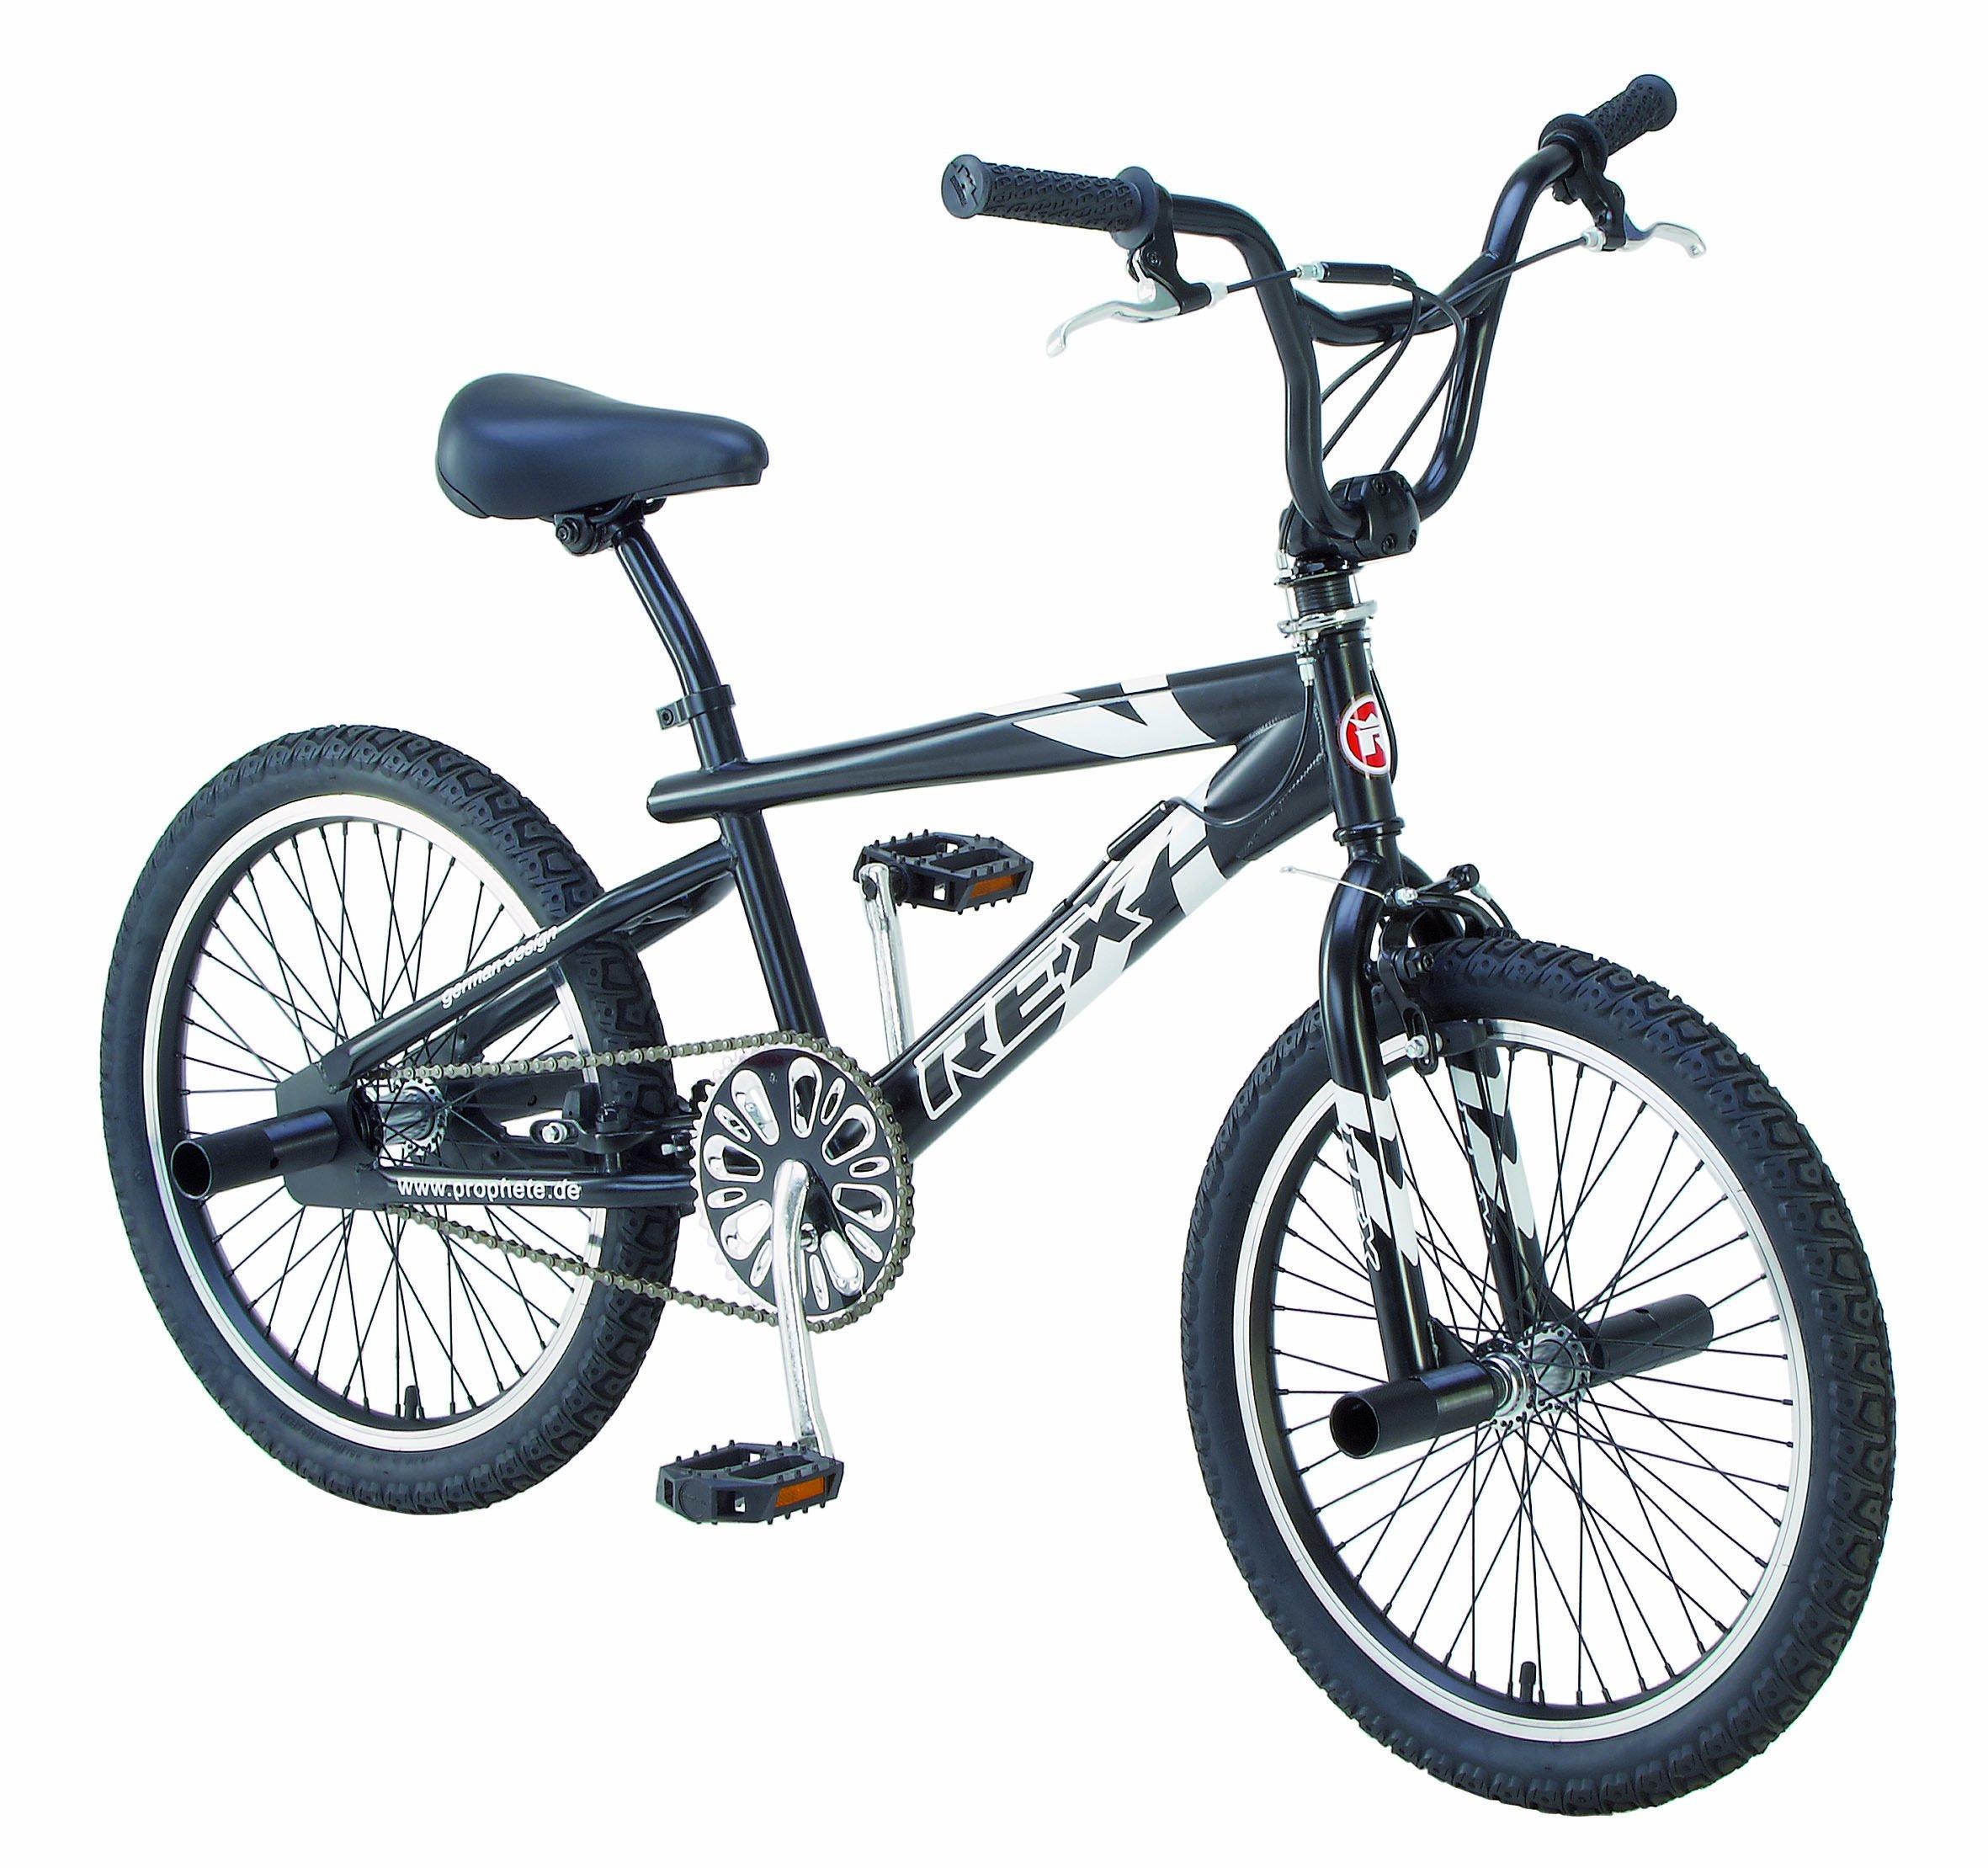 Freerider 1300 - Bicicleta (hasta 35 cm, hasta 41 cm), Color Negro Mate, Talla 20